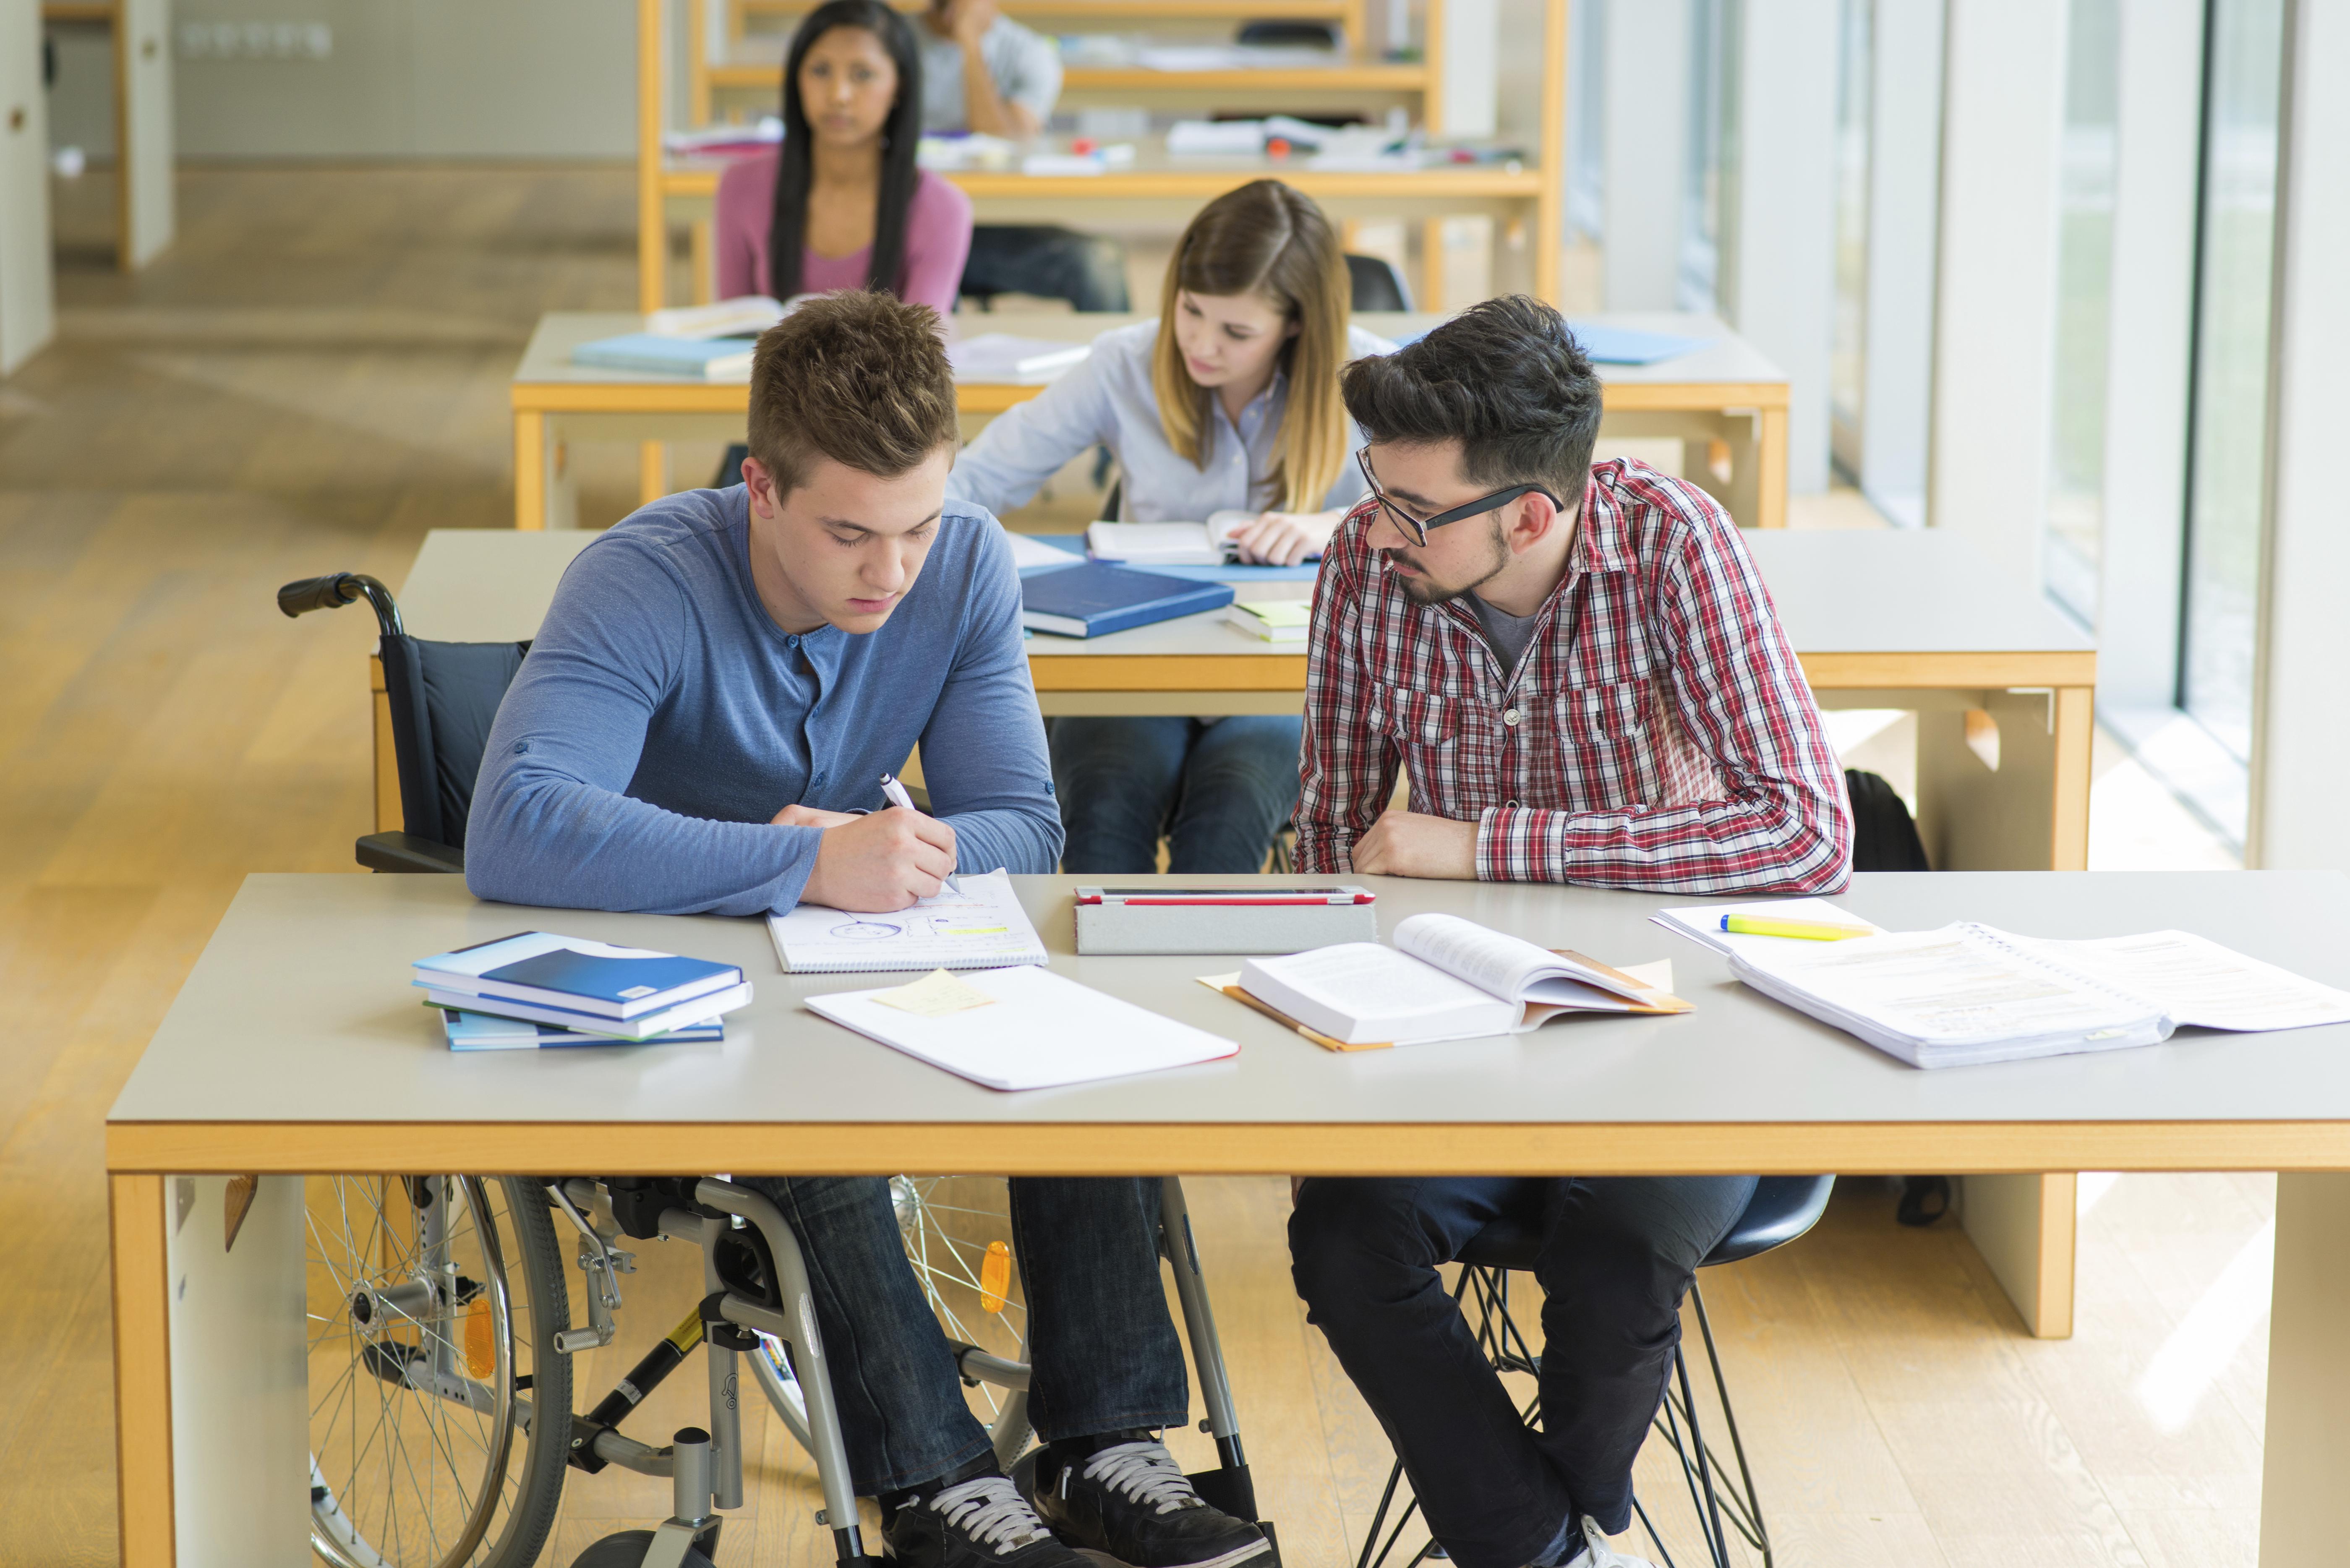 Студенты ебут друг друга, Голые студентки трахают друг дружку 17 фотография